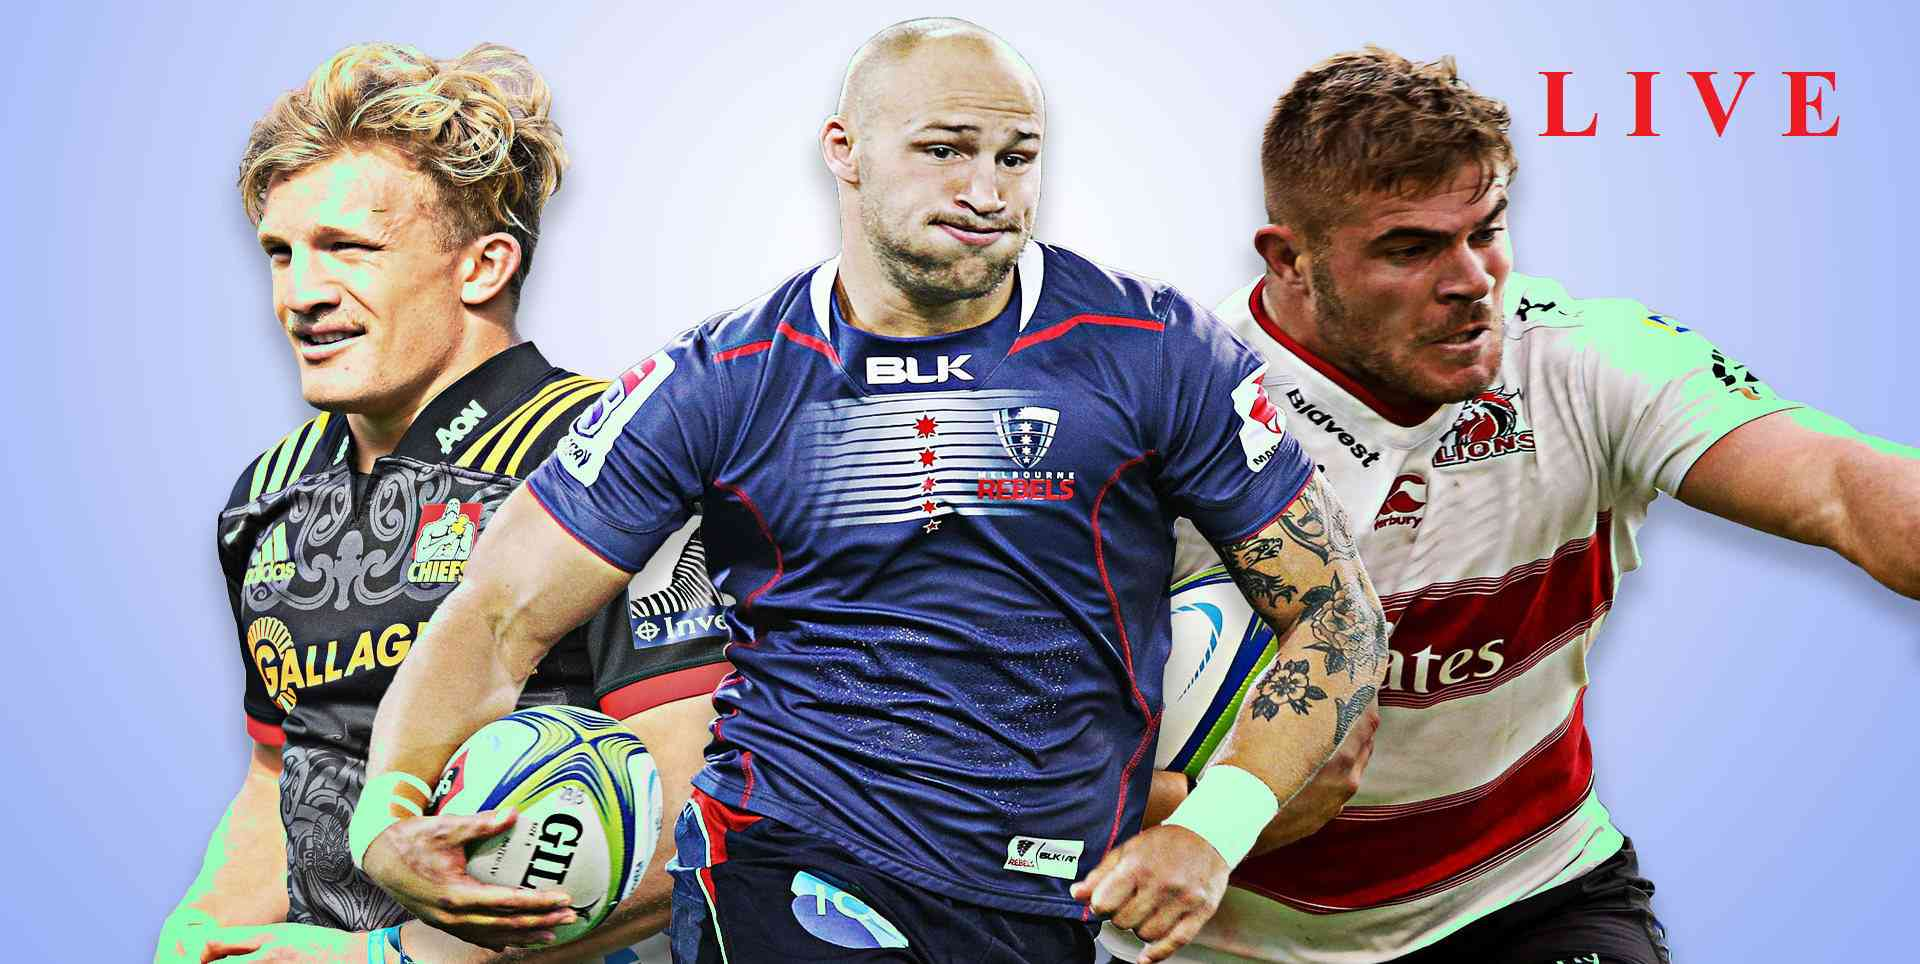 bulls-vs-sharks-rugby-live-online